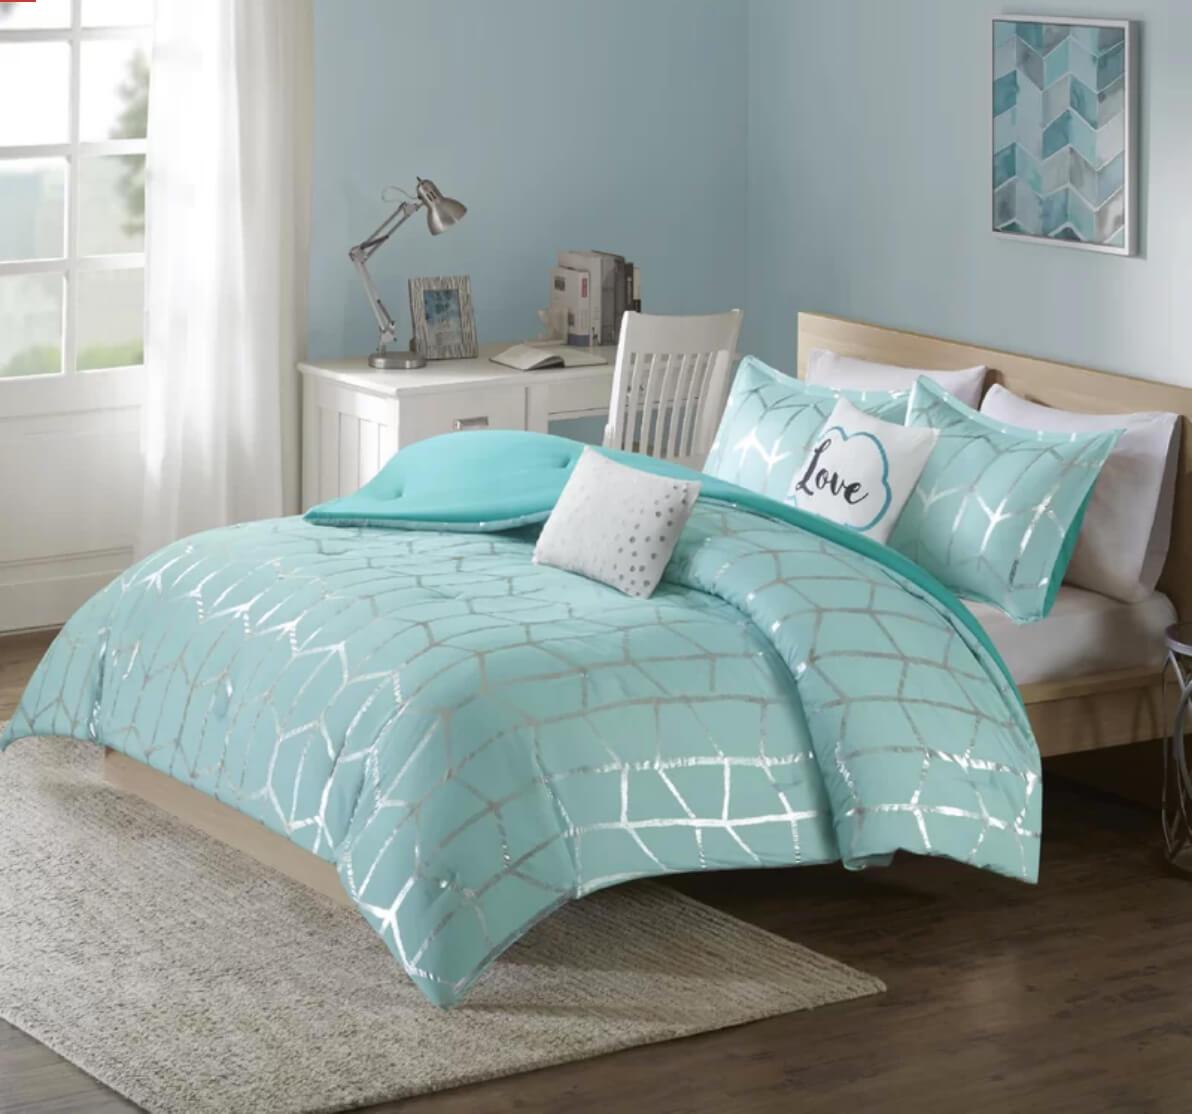 ایده عالی اتاق خواب 4